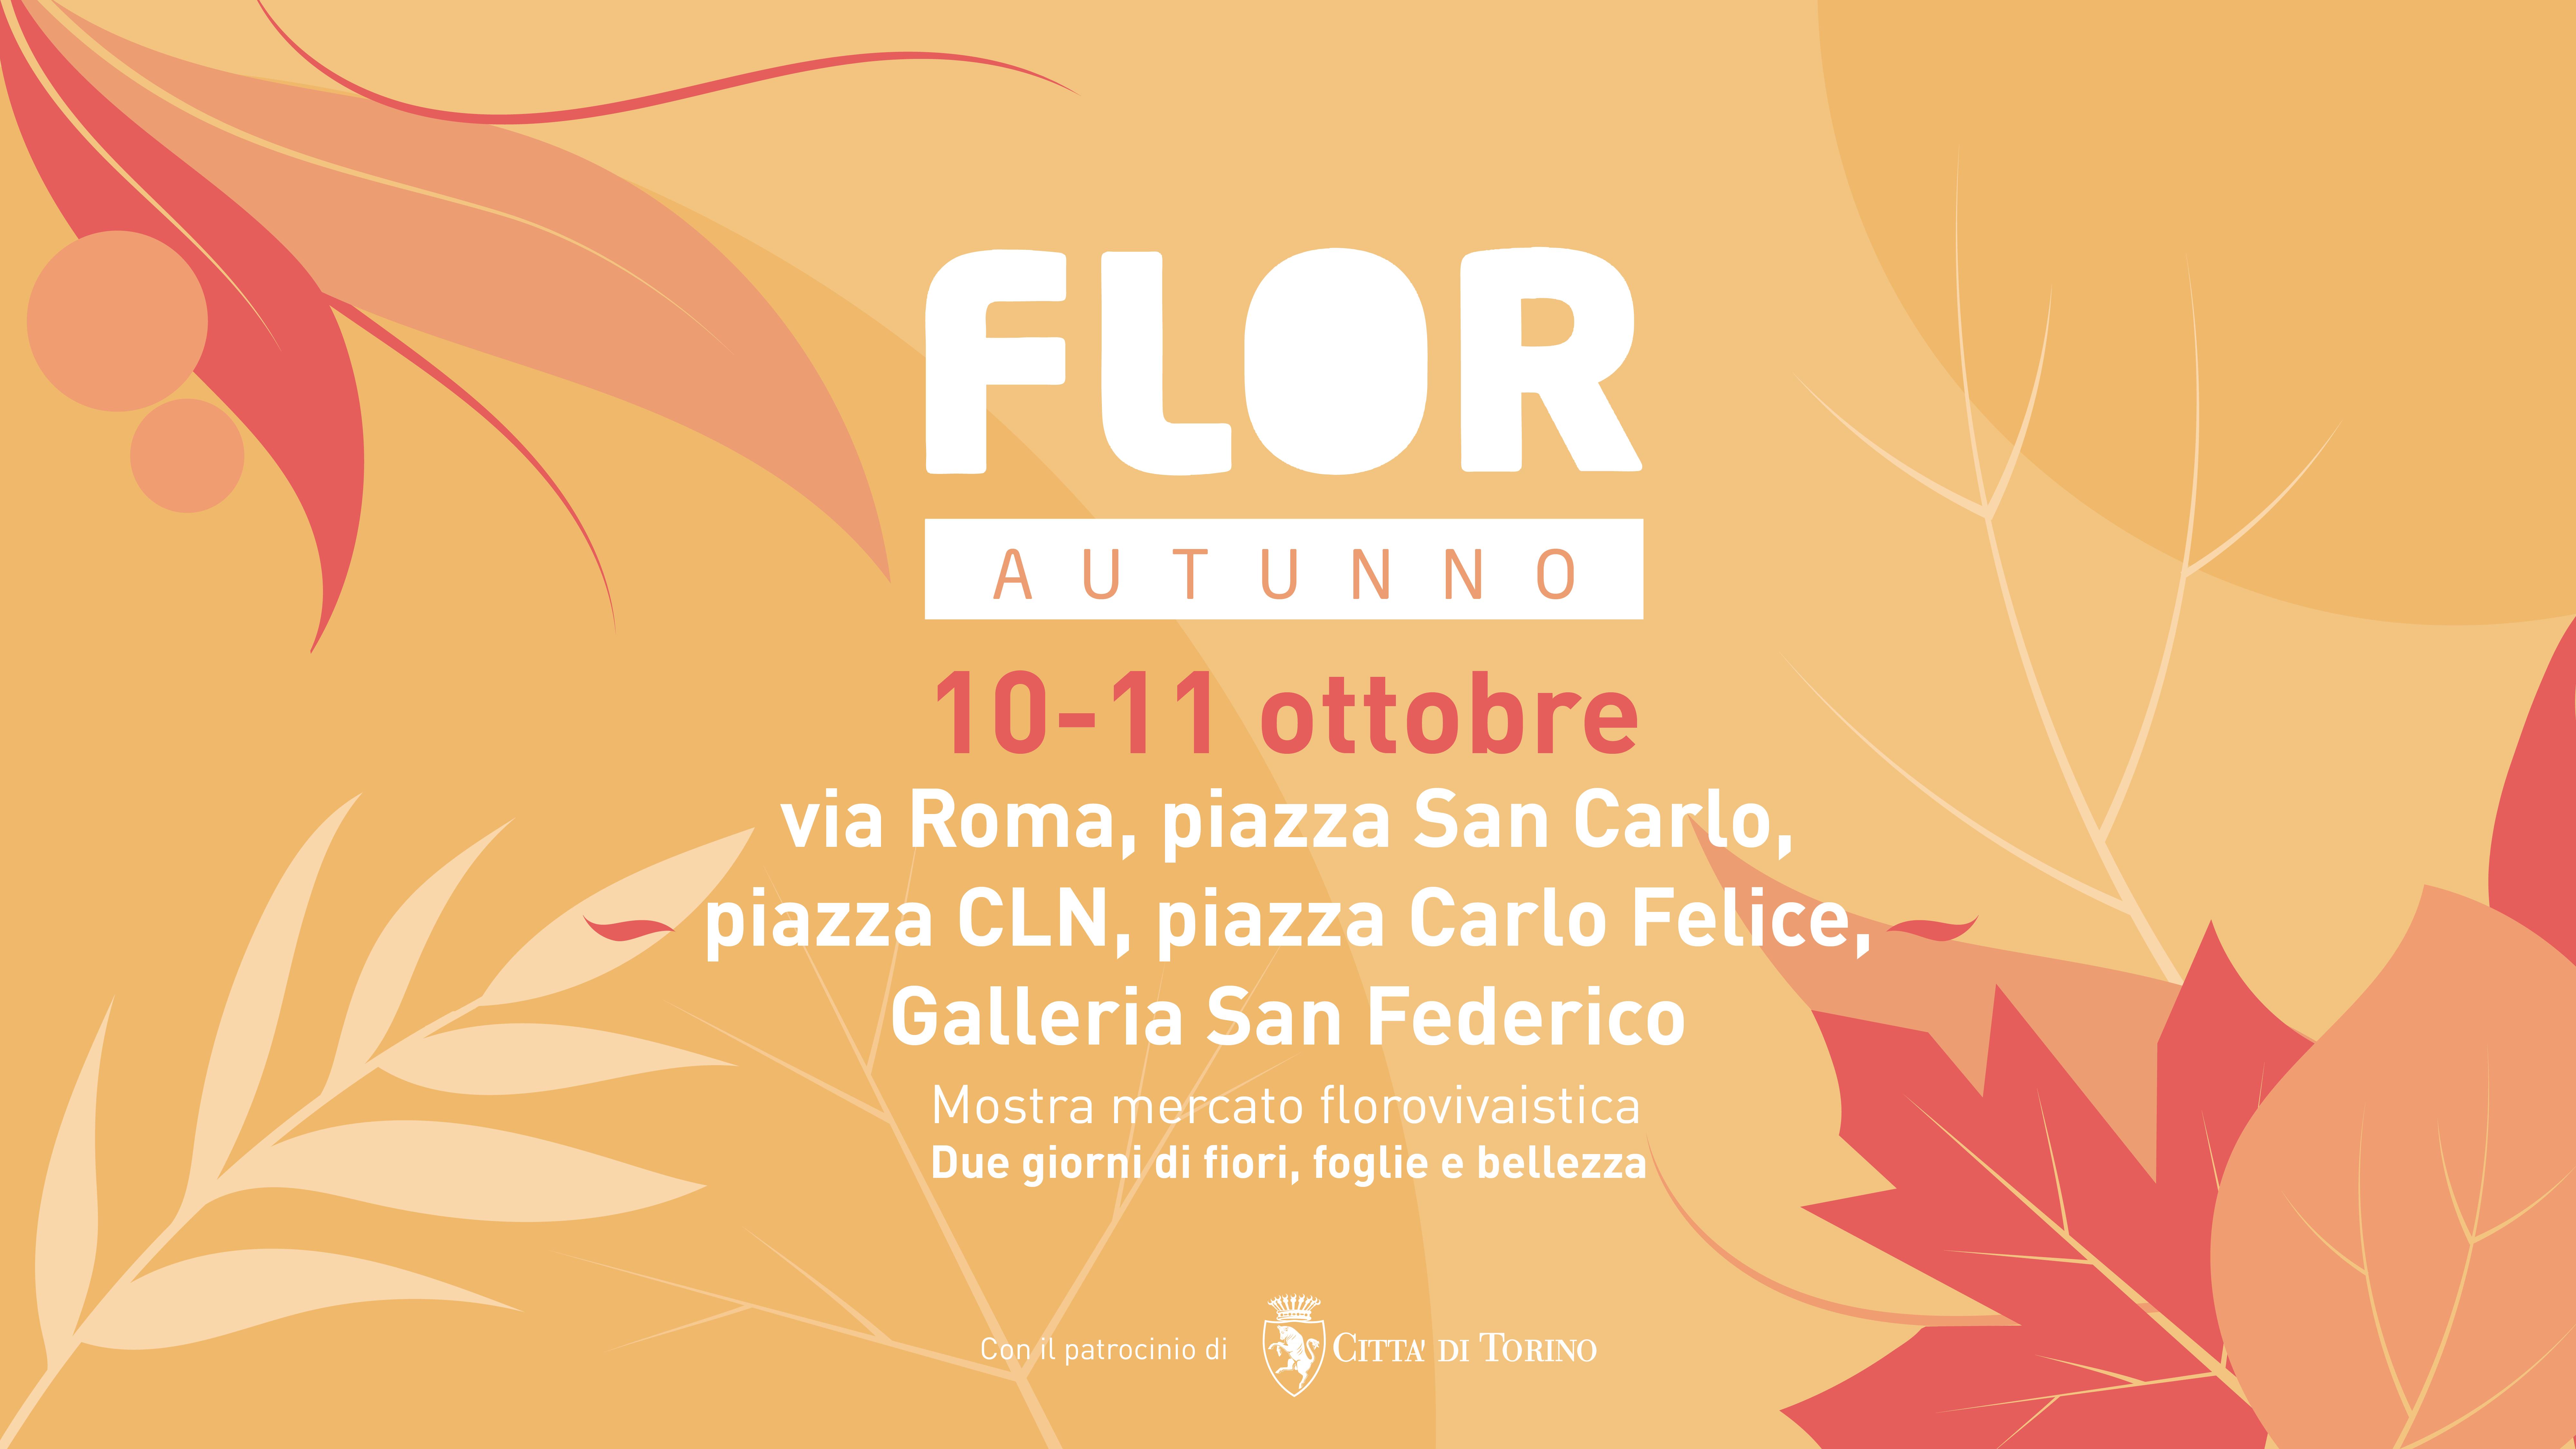 FLOR Autunno // 10 – 11 ottobre 2020 // Torino